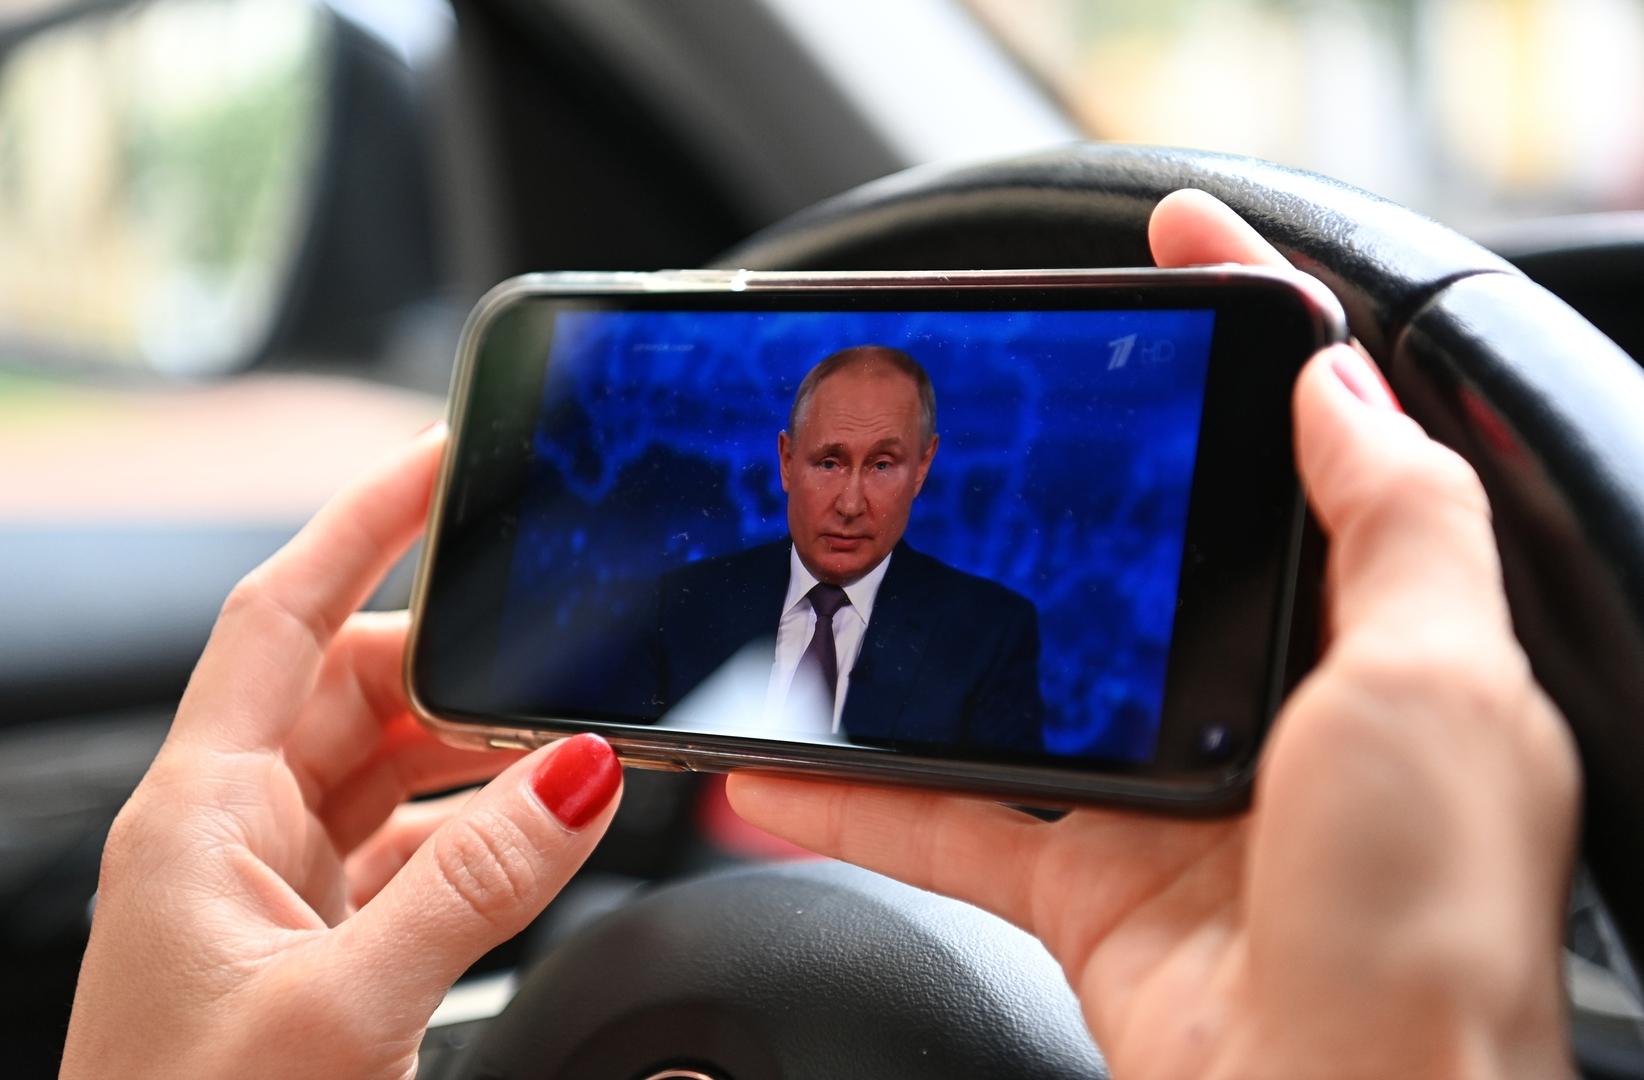 بالتزامن مع كلمة الرئيس.. هجوم سيبراني على أنظمة الاتصال الخاصة بالخط المباشر مع بوتين